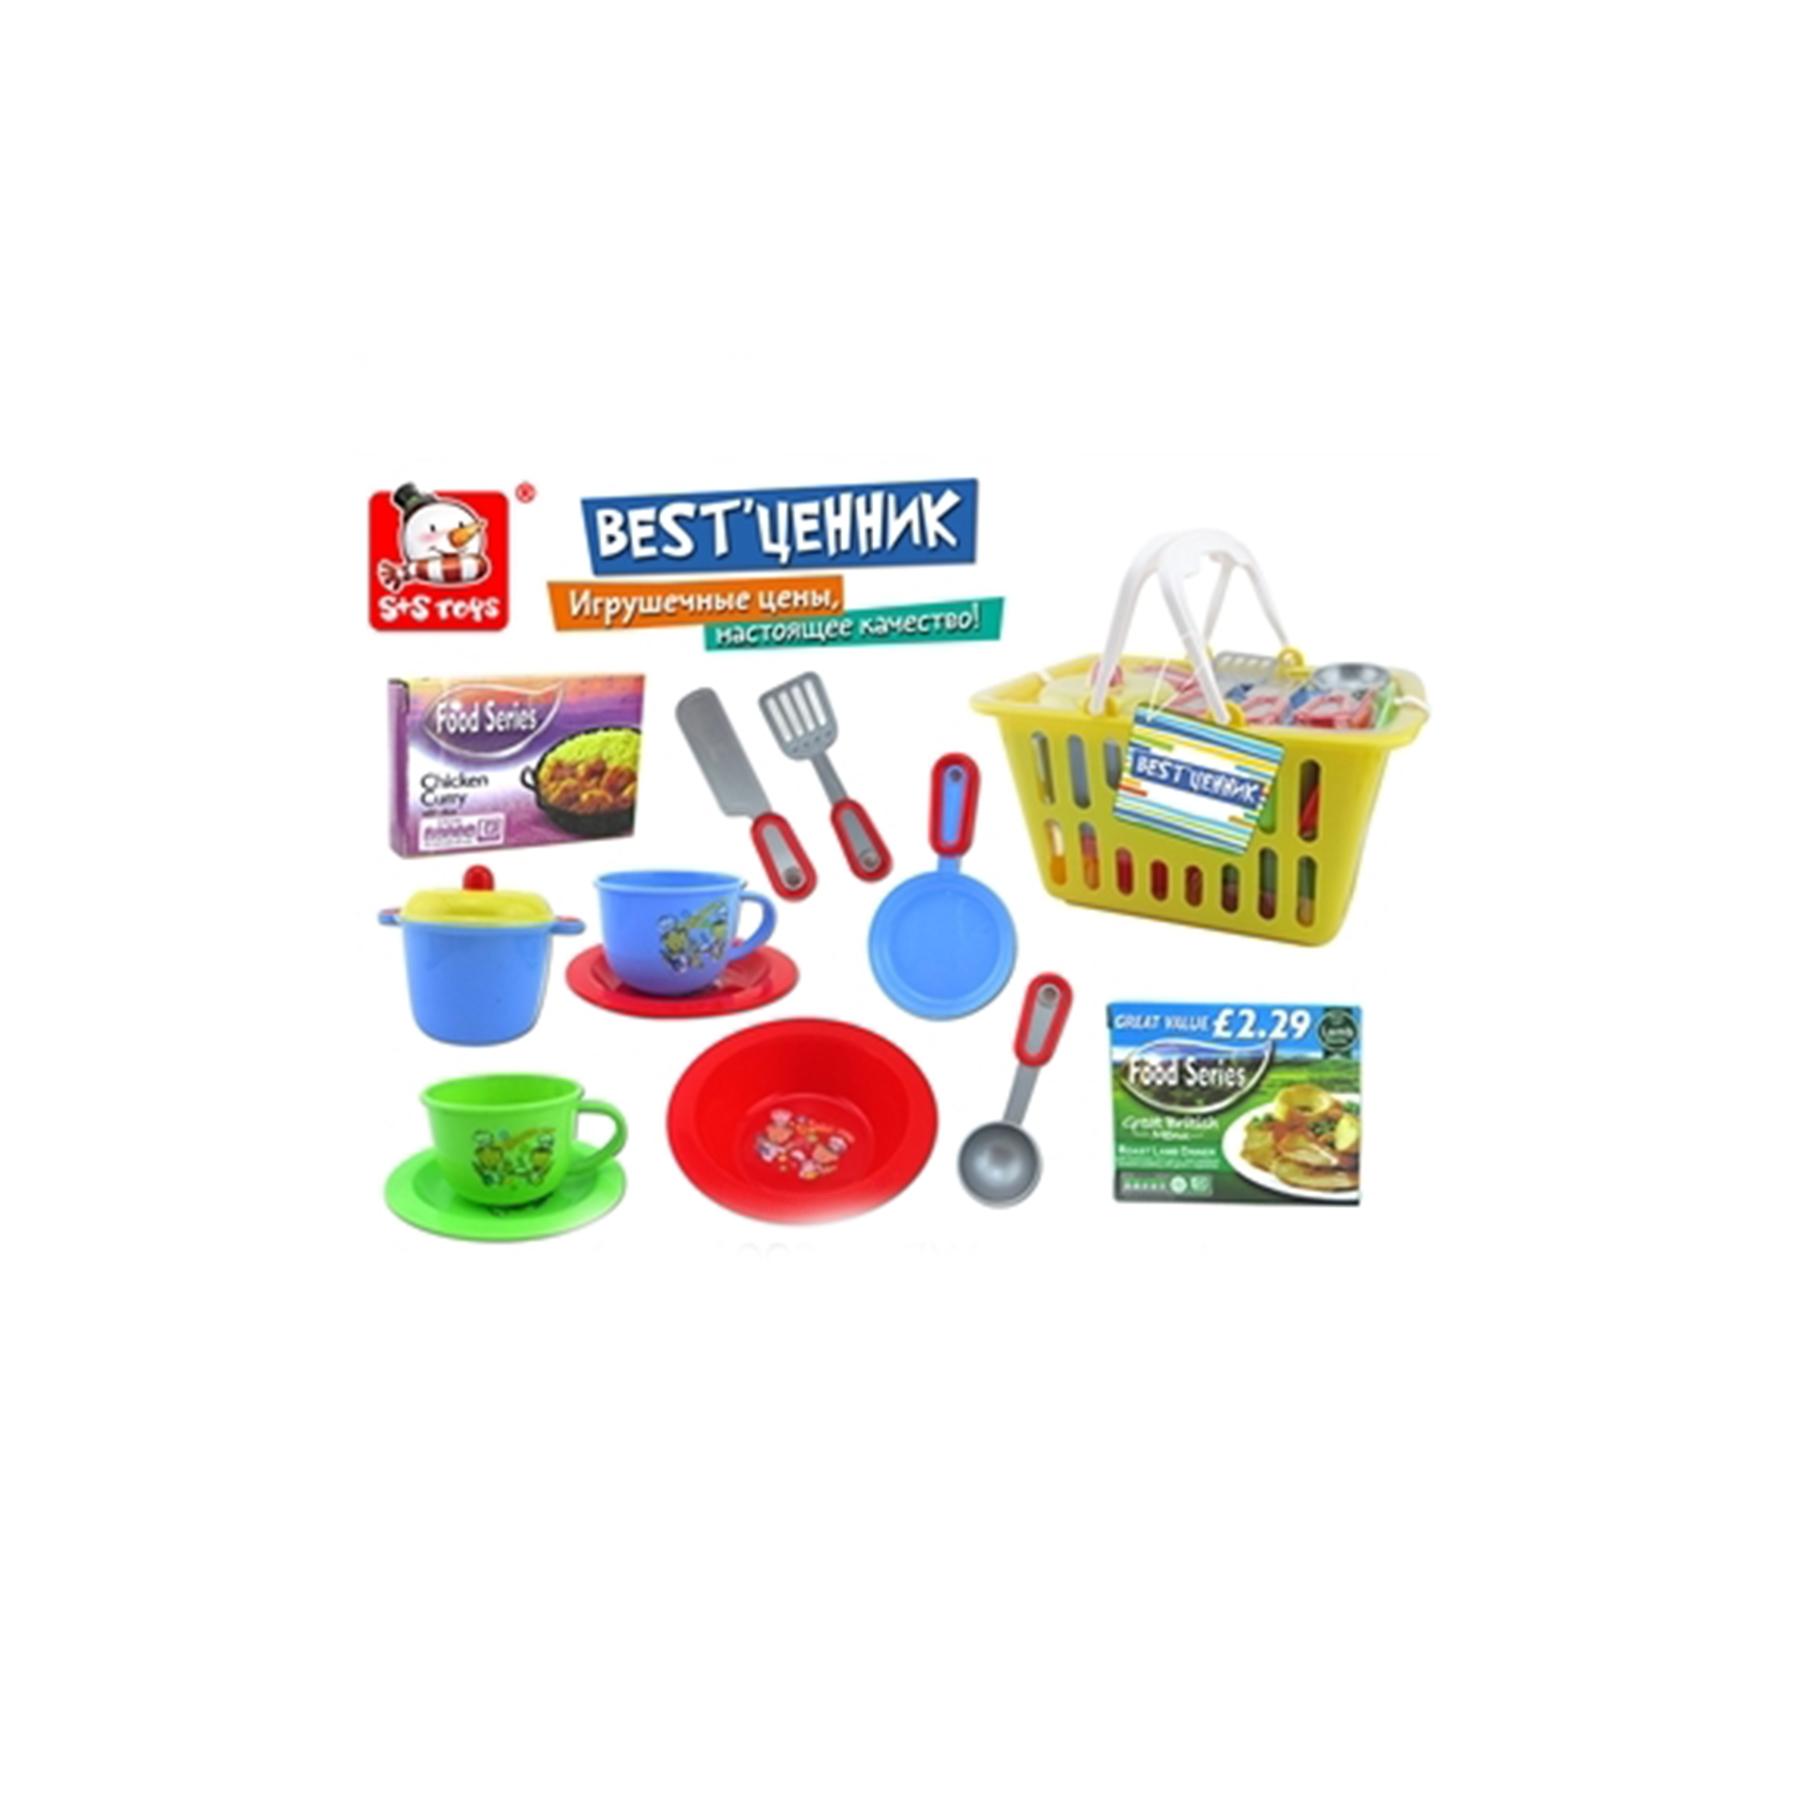 Набор посудки в корзине 27*14*17,5см 100860938 (52005)